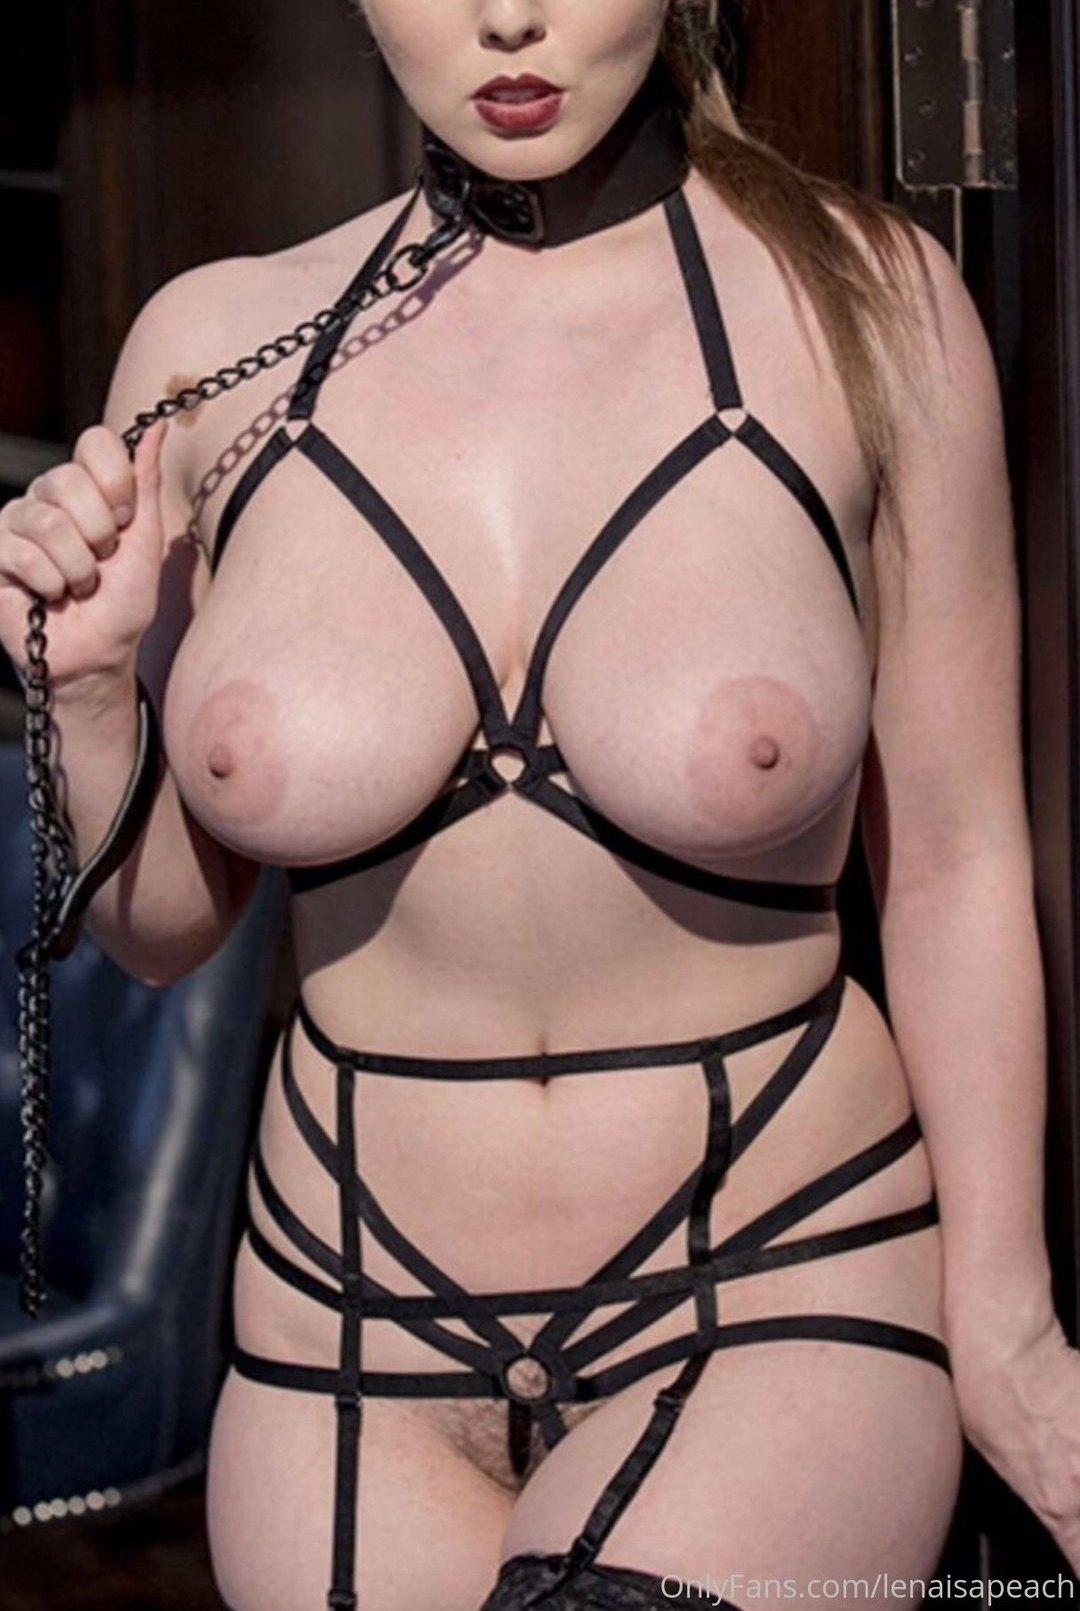 Lena Paul Lenaisapeach Onlyfans Leaked Nudes 0001